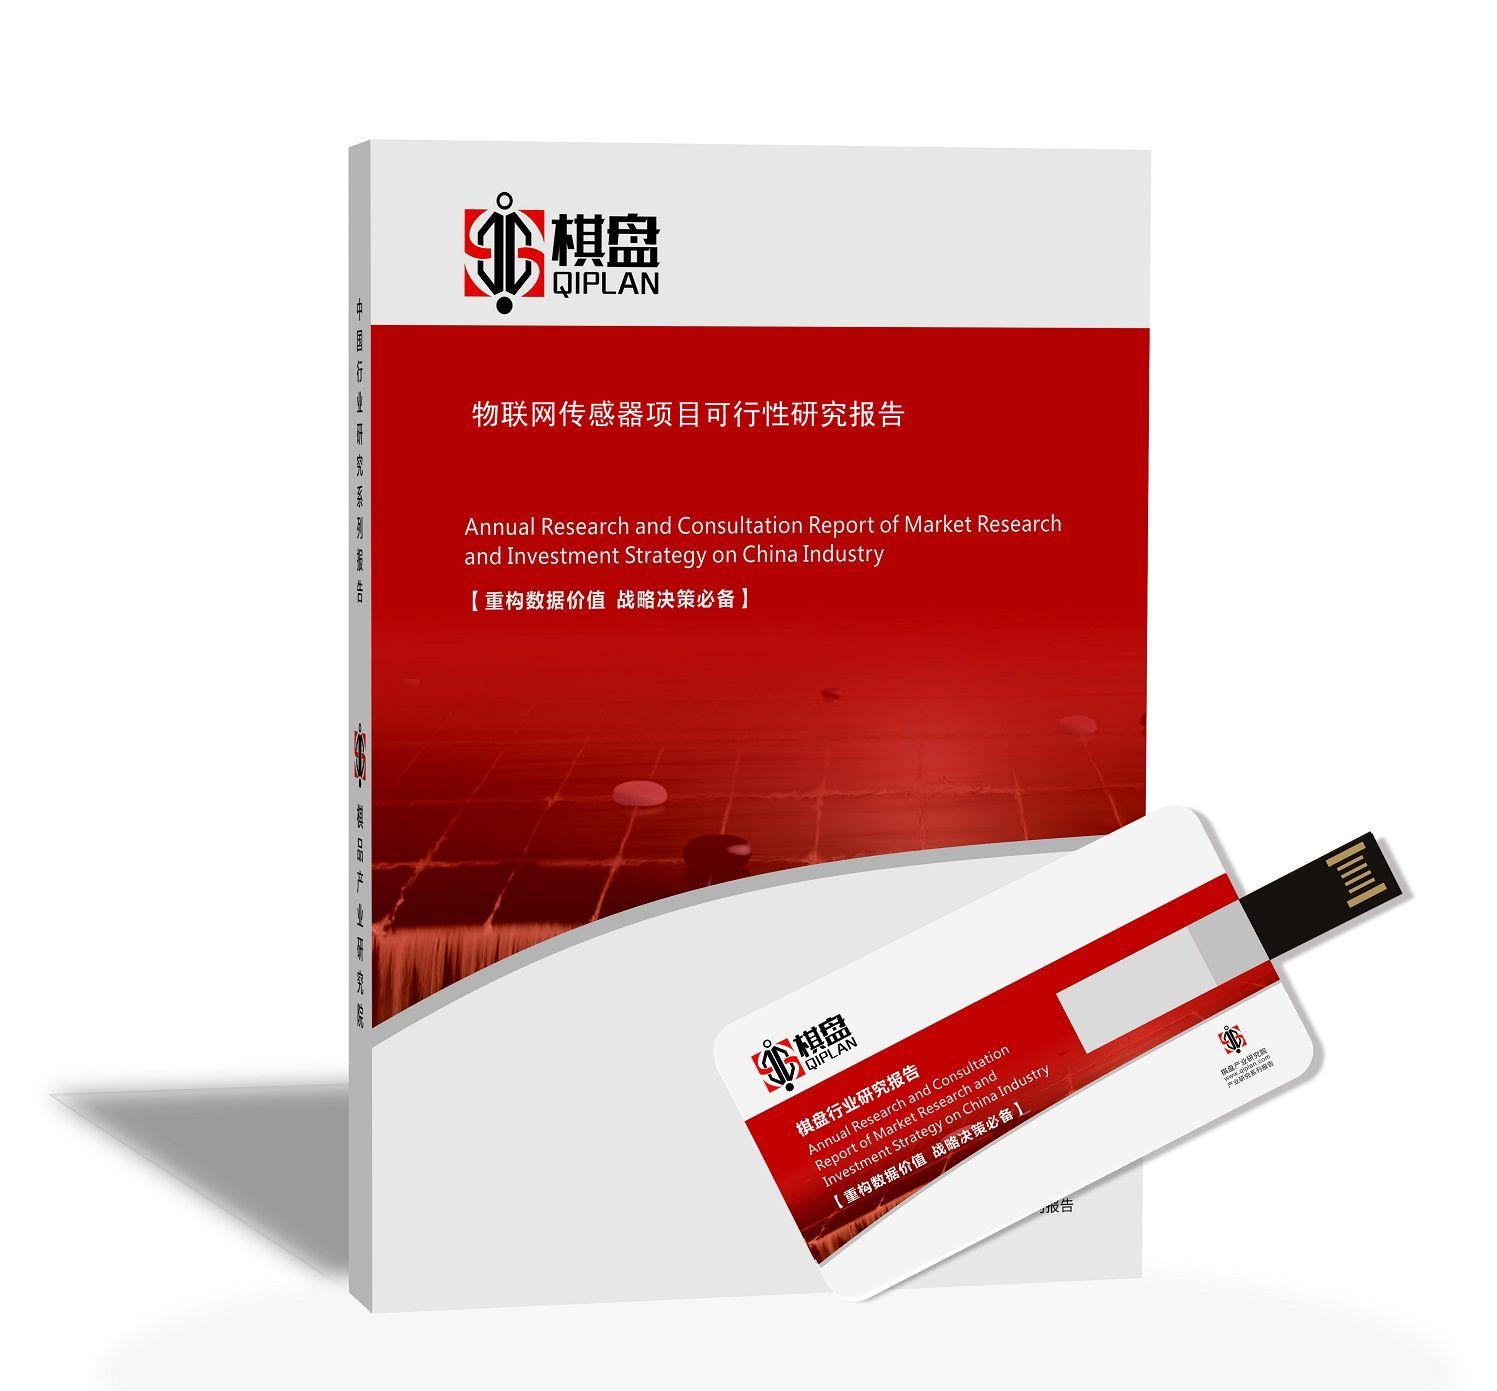 物联网传感器项目可行性研究报告